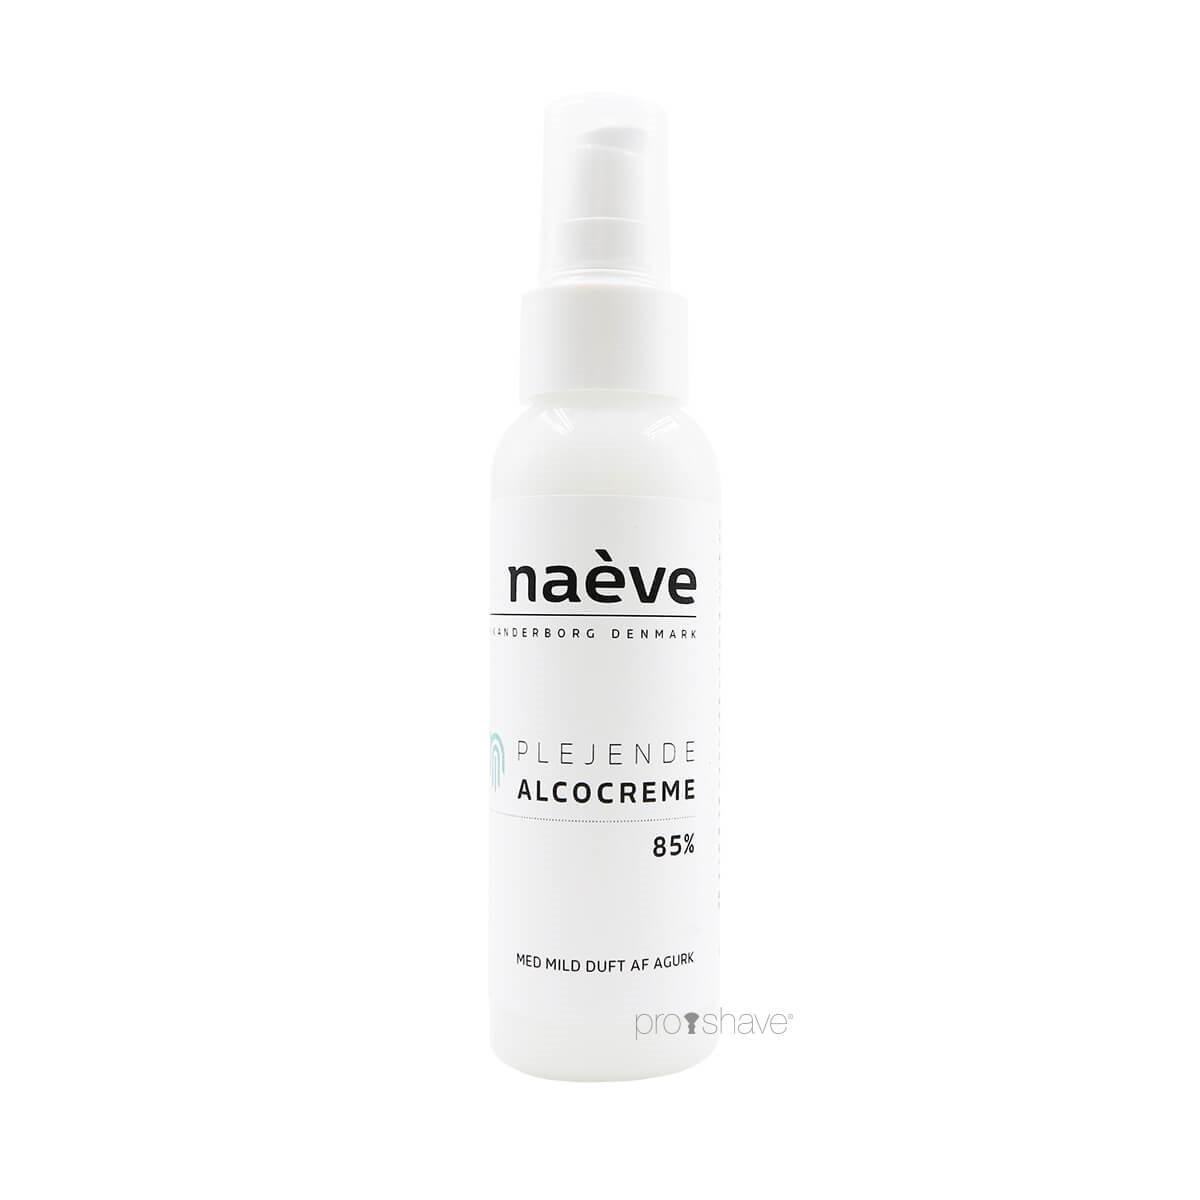 Naève Alcocreme, 85%, Pumpe, 100 ml.